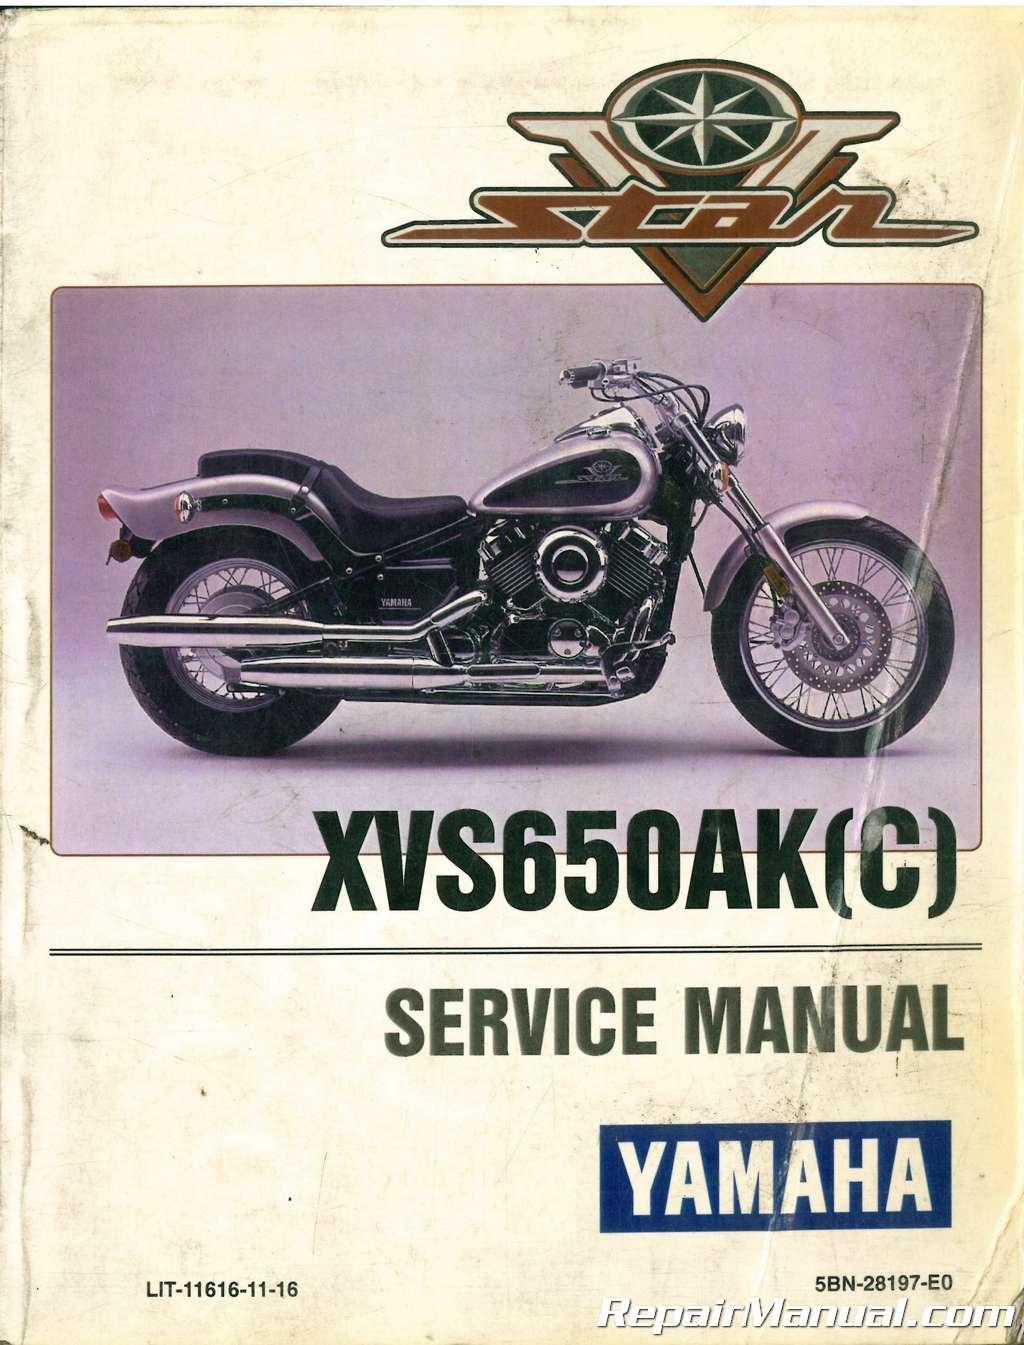 vintage yamaha motorcycle repair